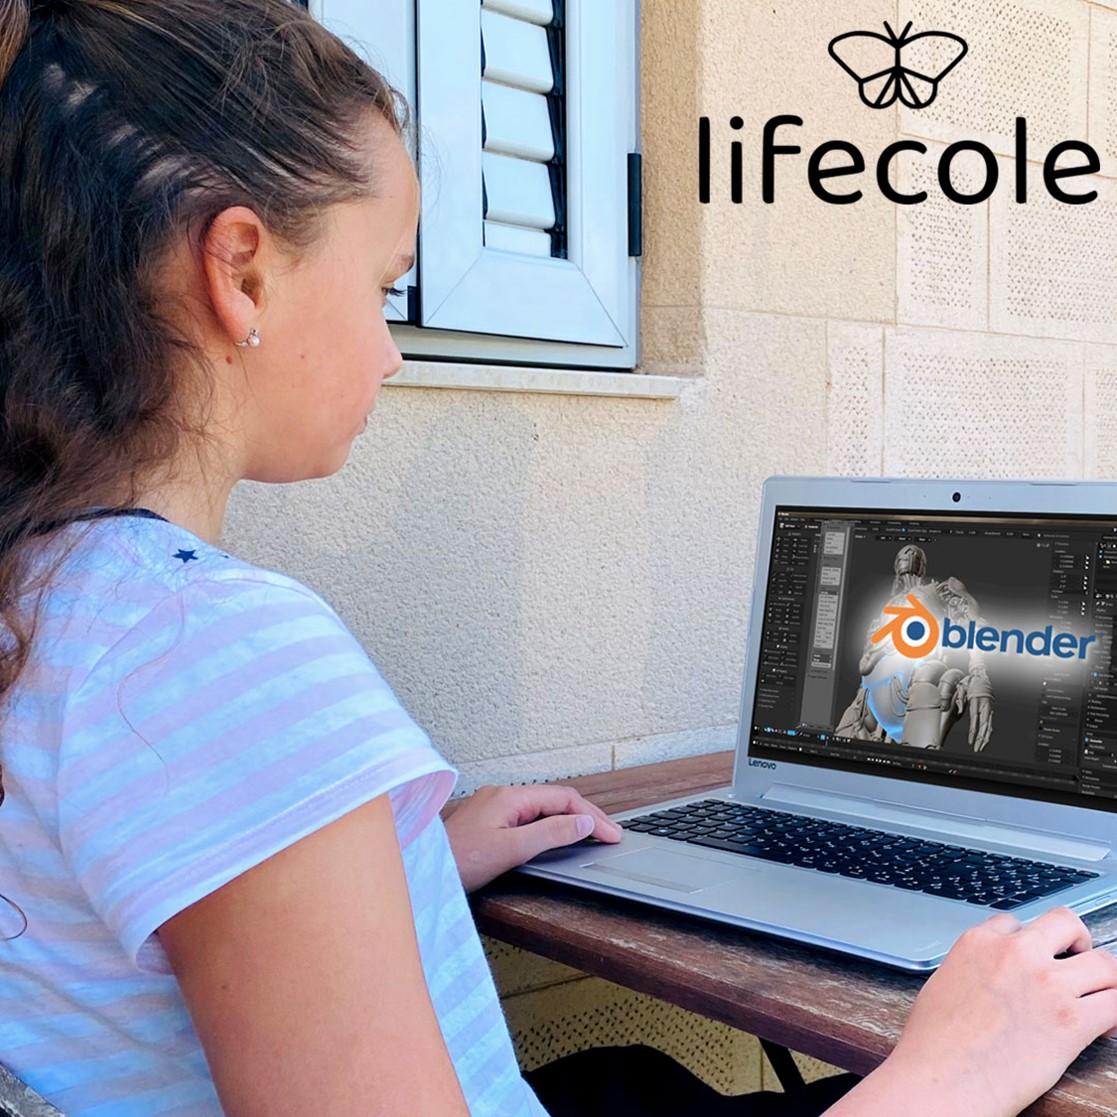 lifecole